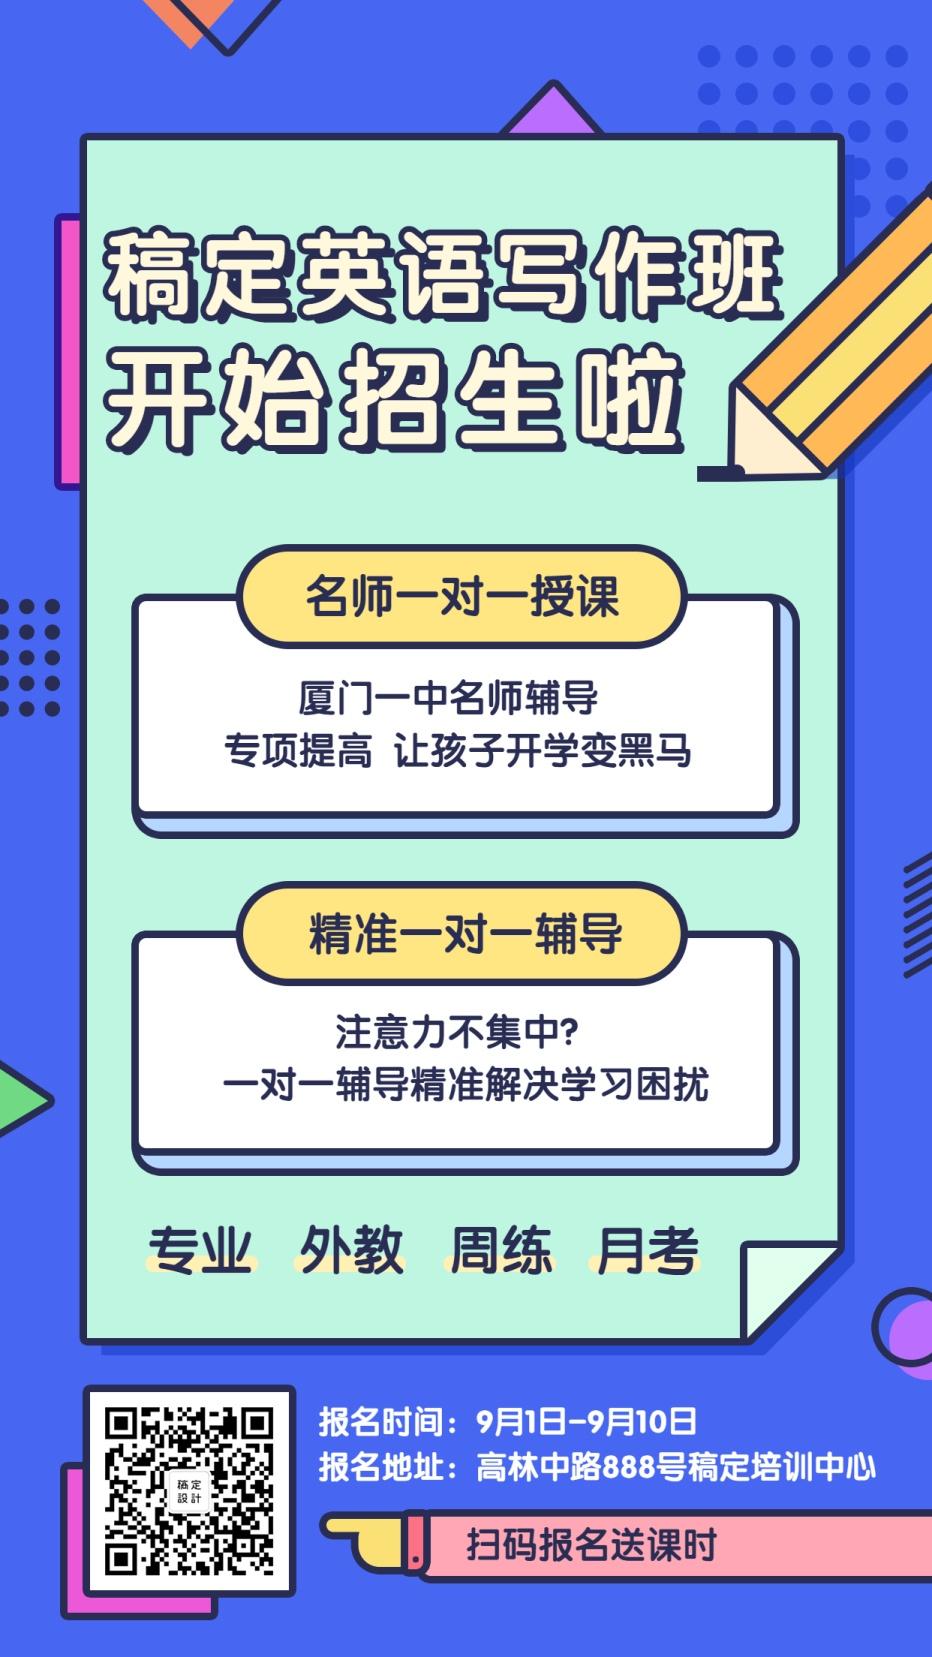 英语写作班教育培训排版手机海报